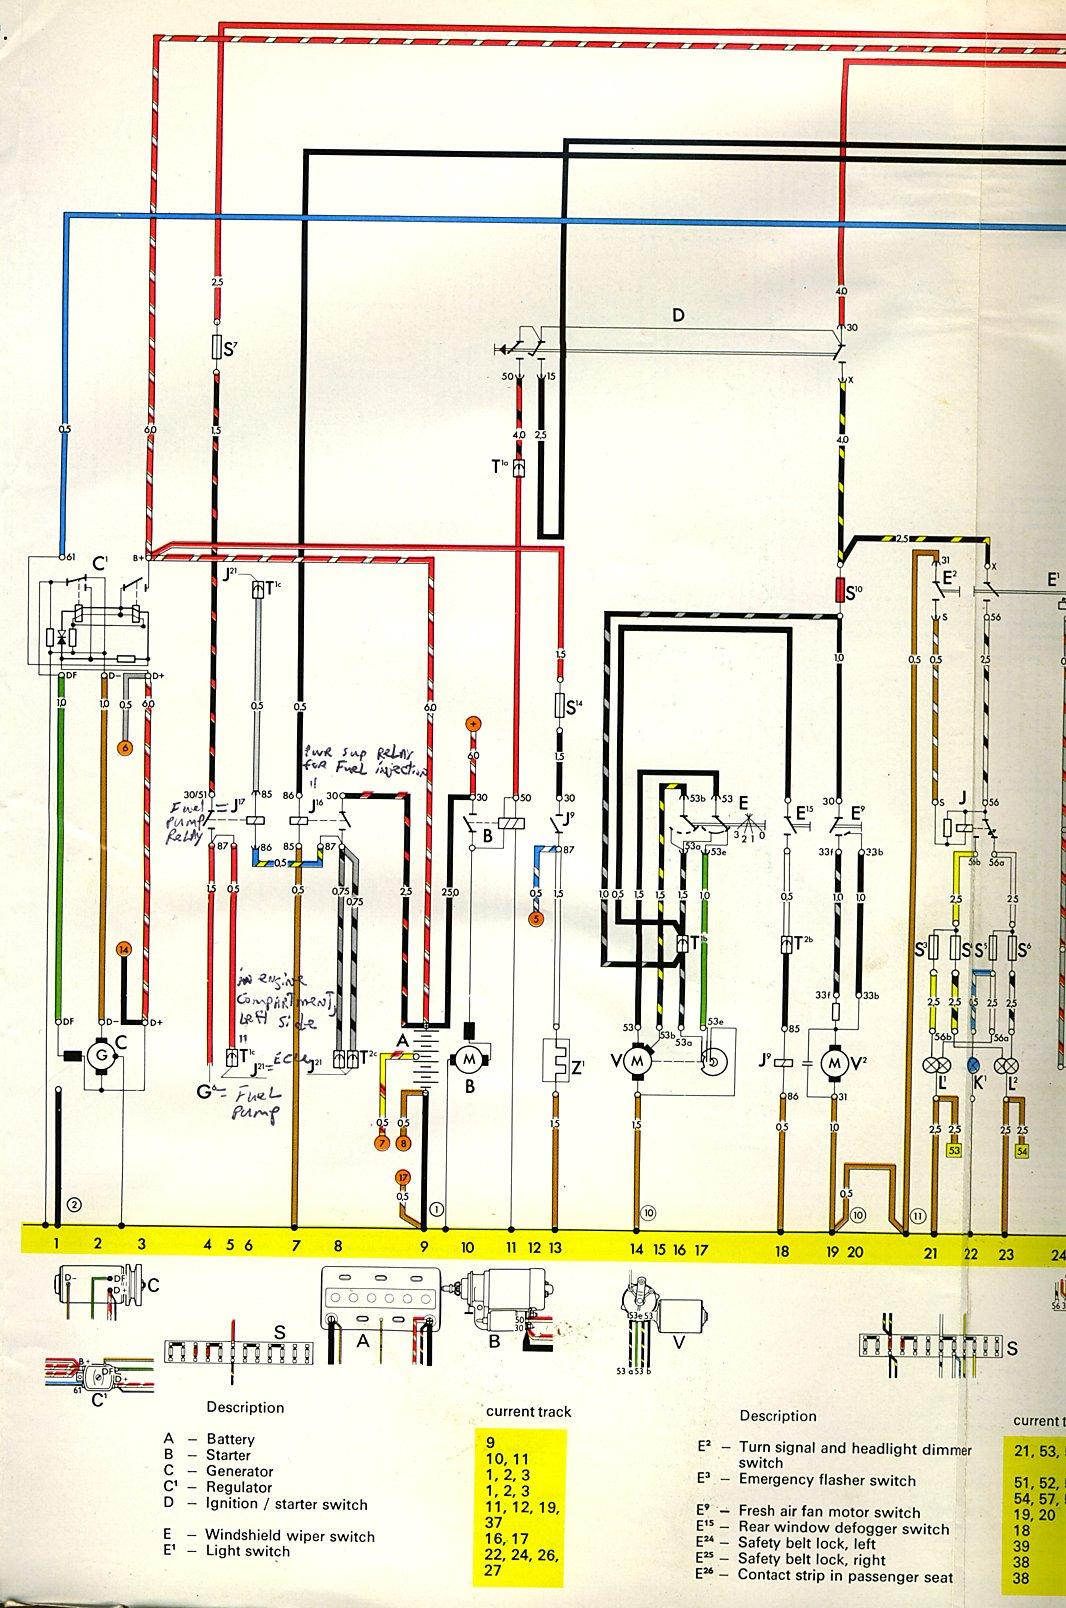 1970 vw type 2 wiring diagram kitchenaid artisan mixer parts thesamba 3 diagrams